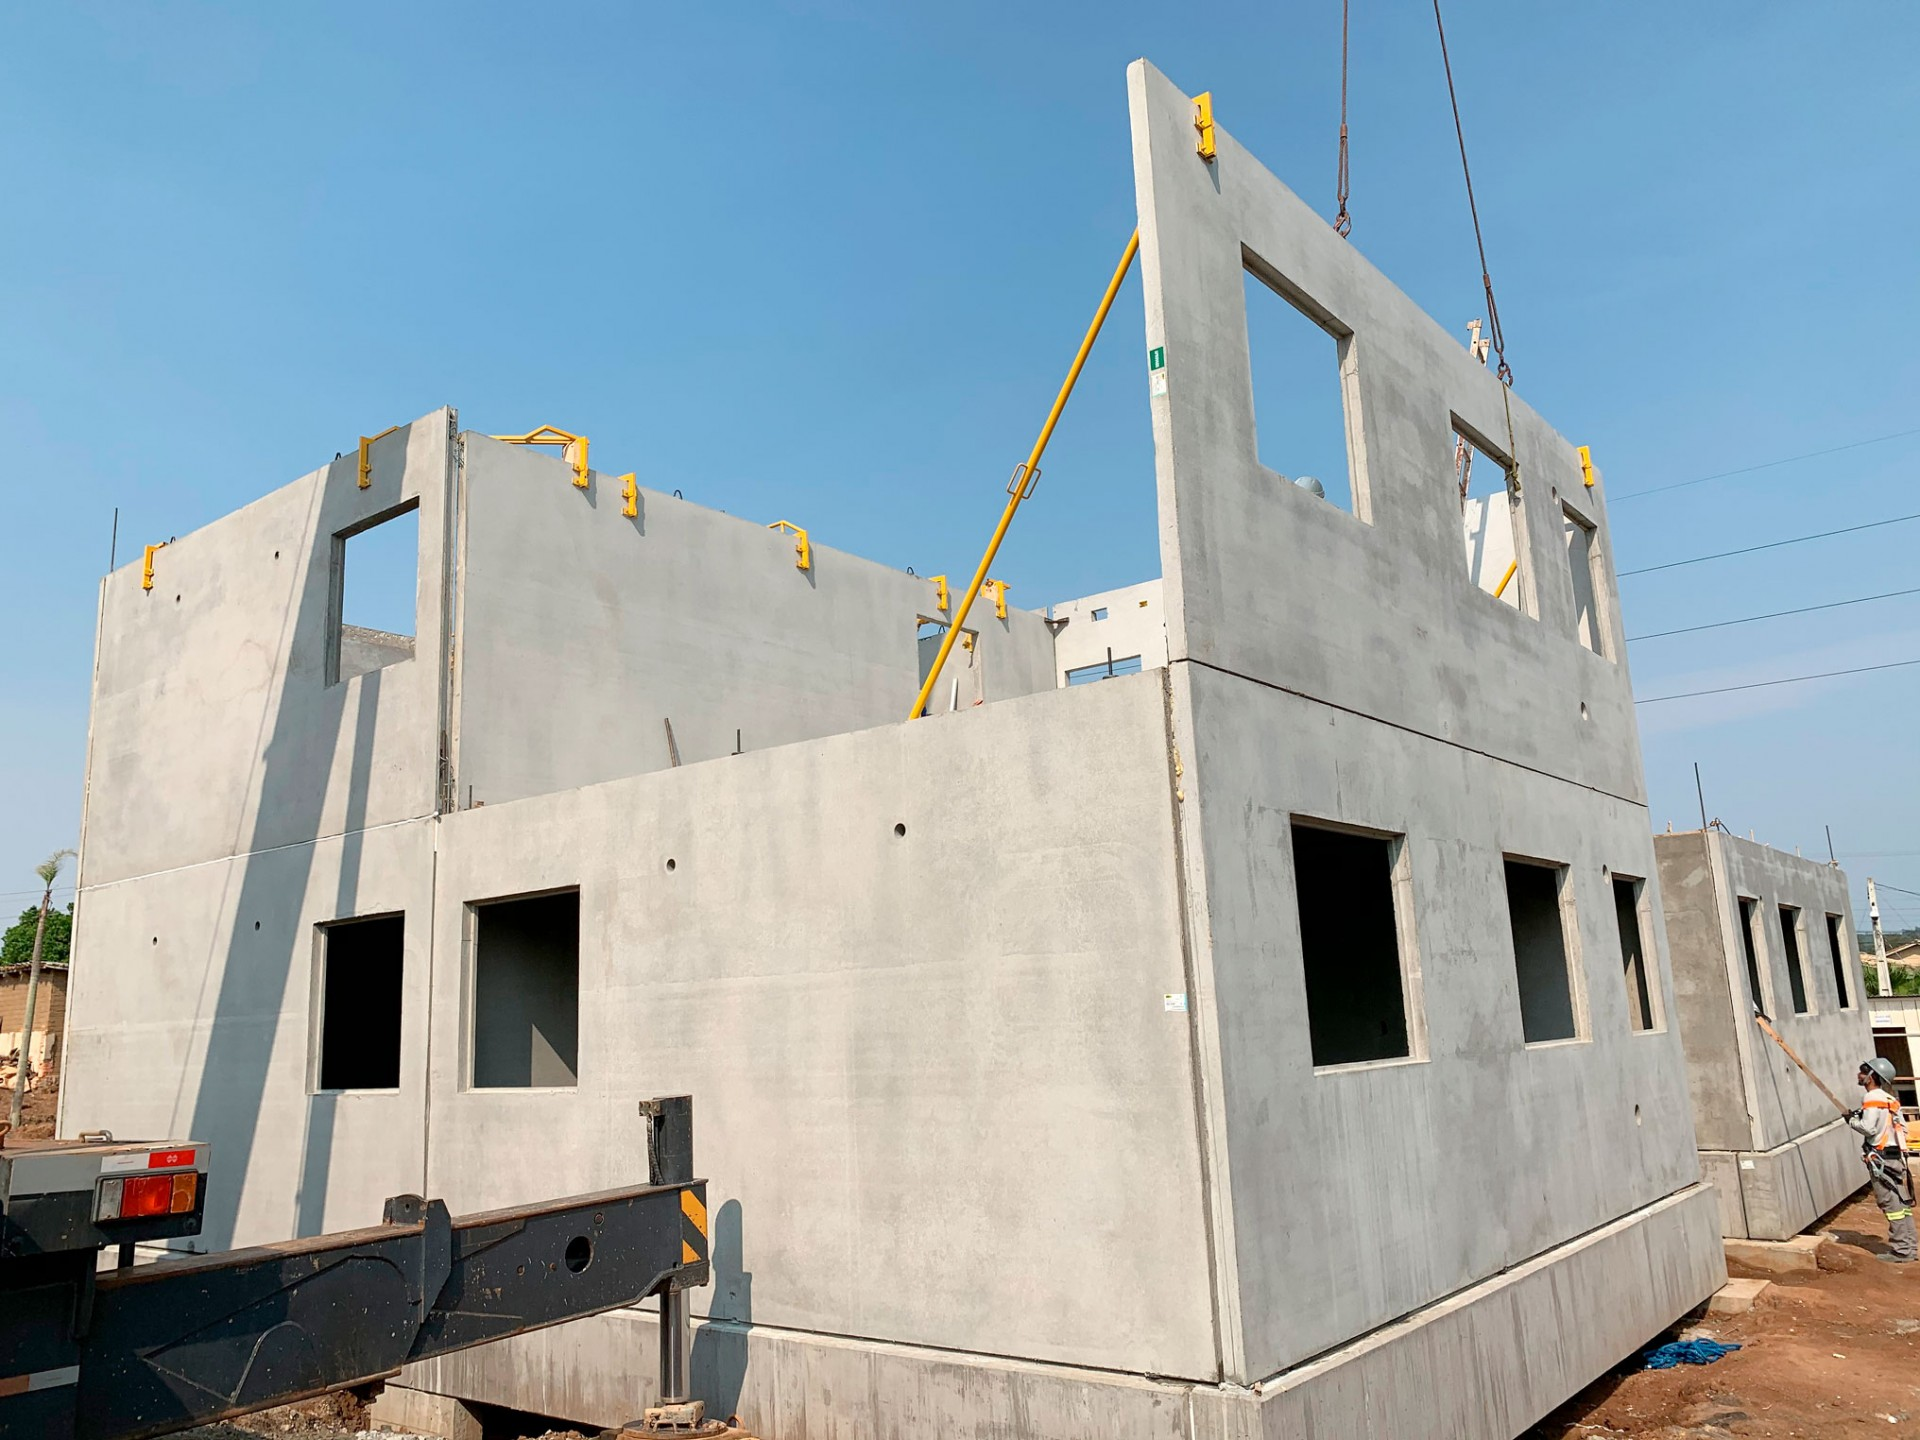 Produção modular começa a ser usada no Brasil, mas na Finlândia, Suécia e Noruega é o sistema construtivo mais empregado. Crédito: BPM Pré-Moldados